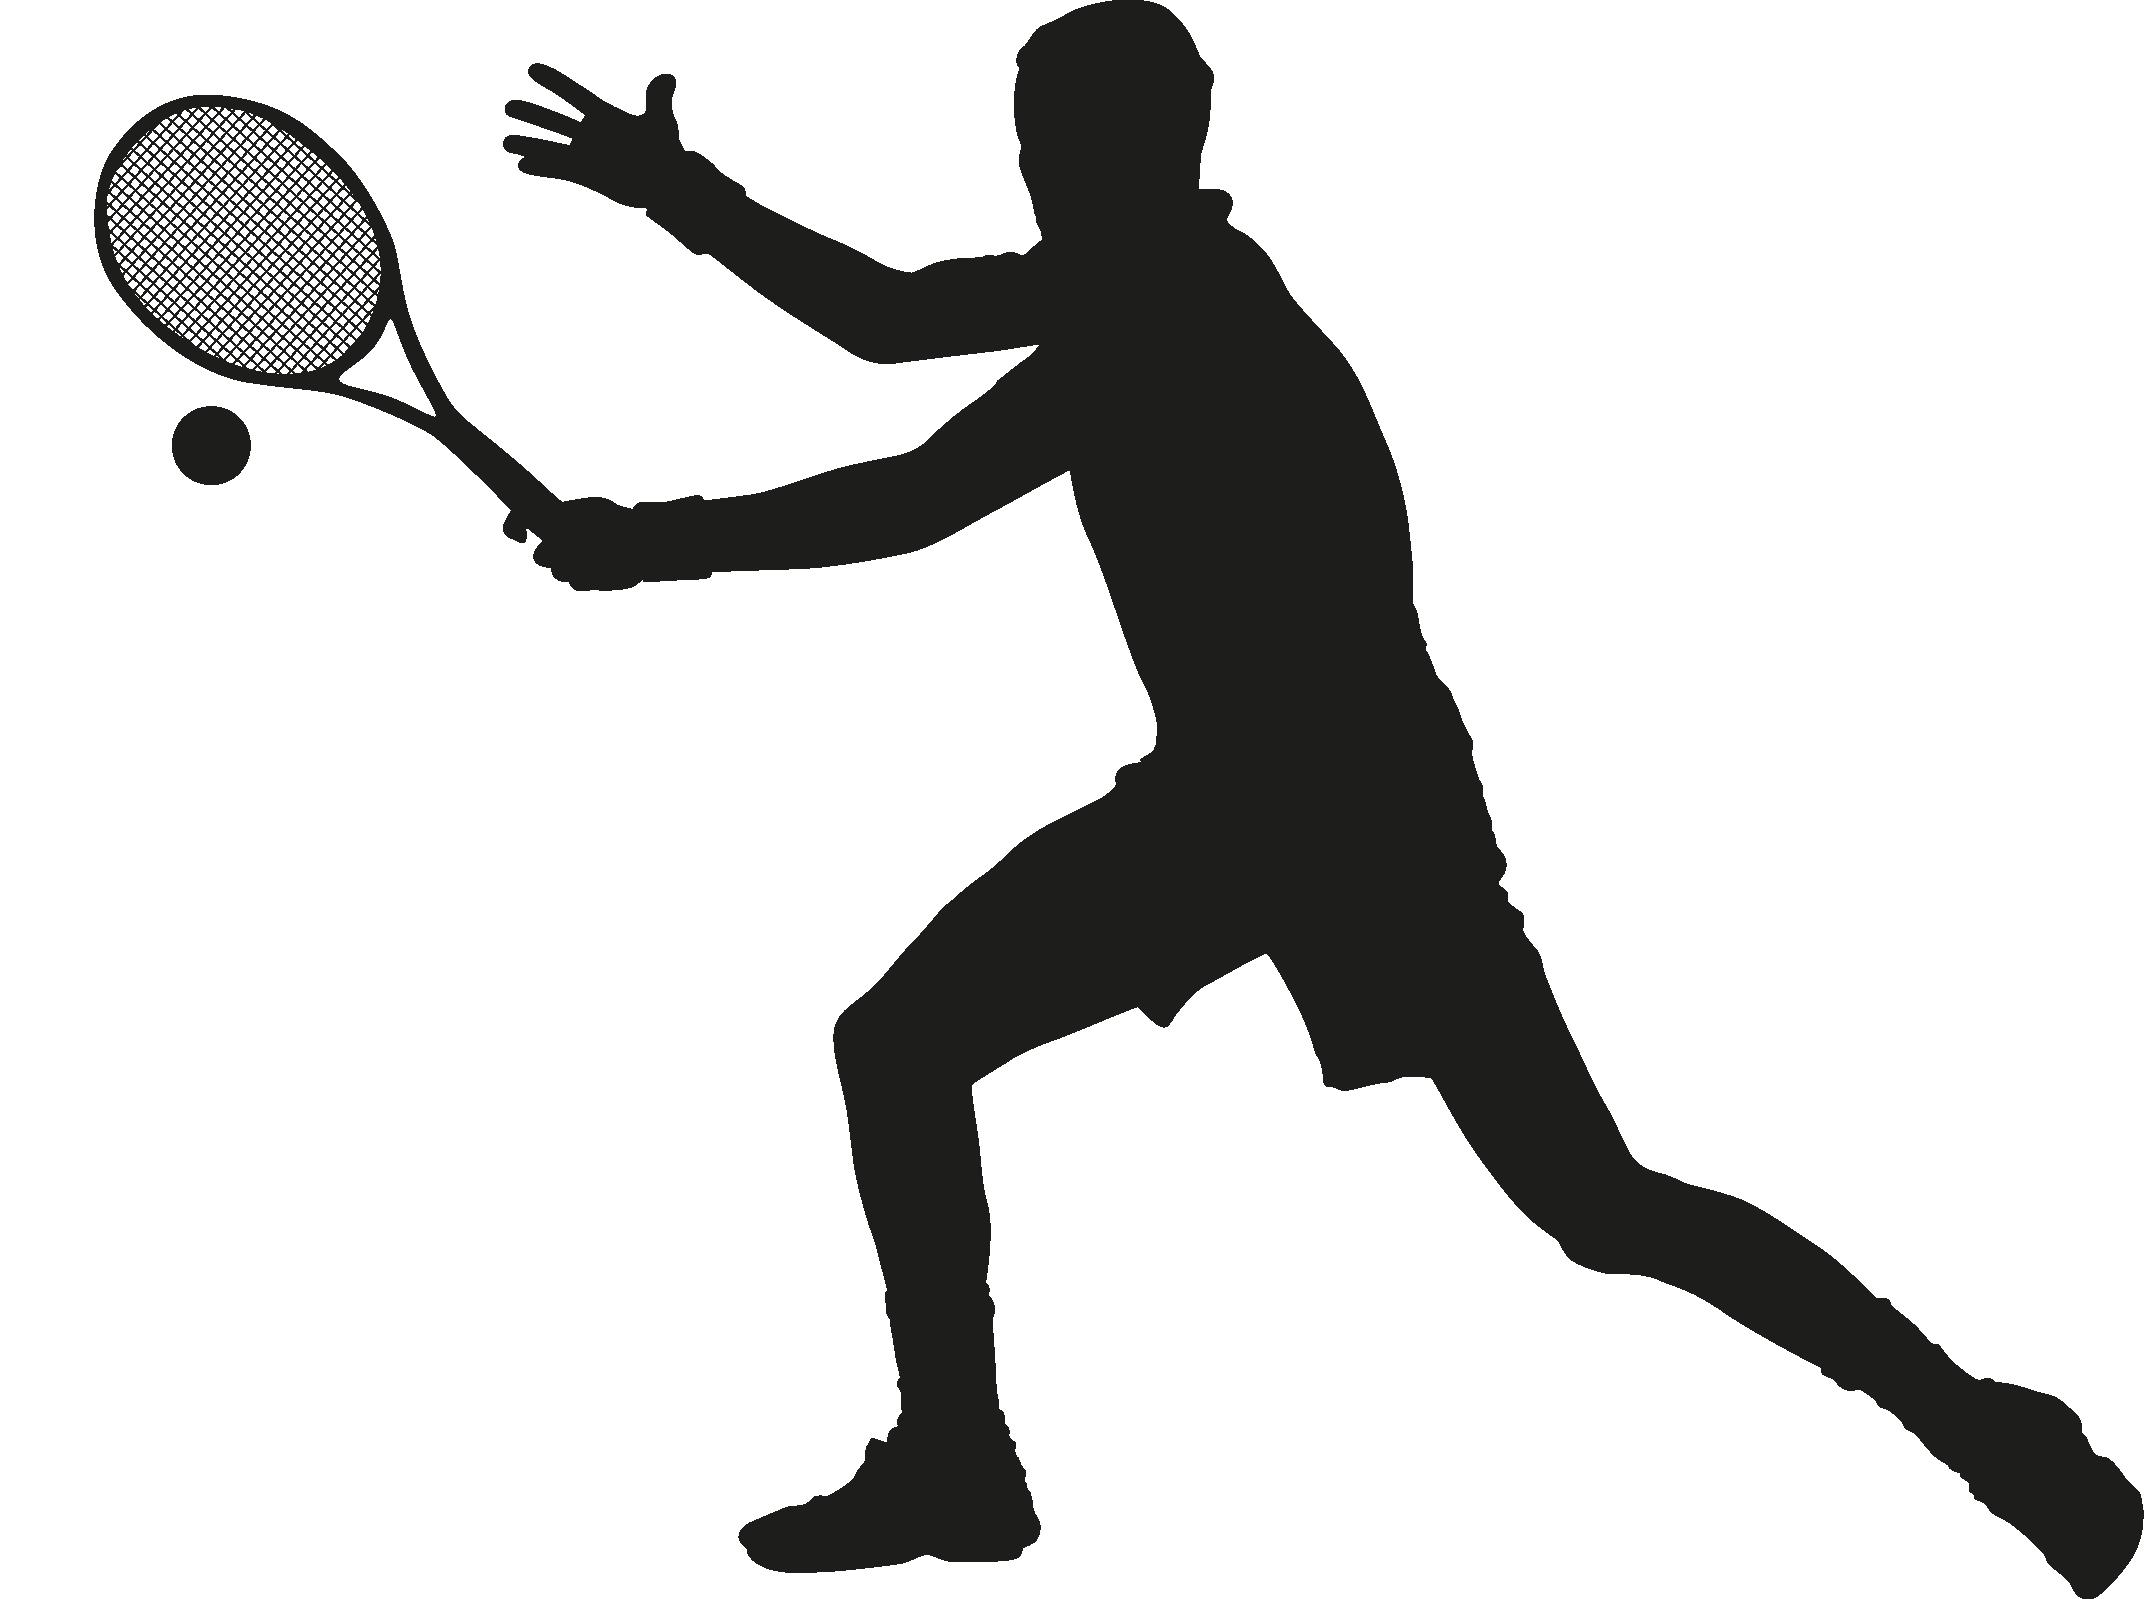 http://www.tkslaviaplzen.cz/wp-content/uploads/2018/07/tennis-ball-silhouette-23.png